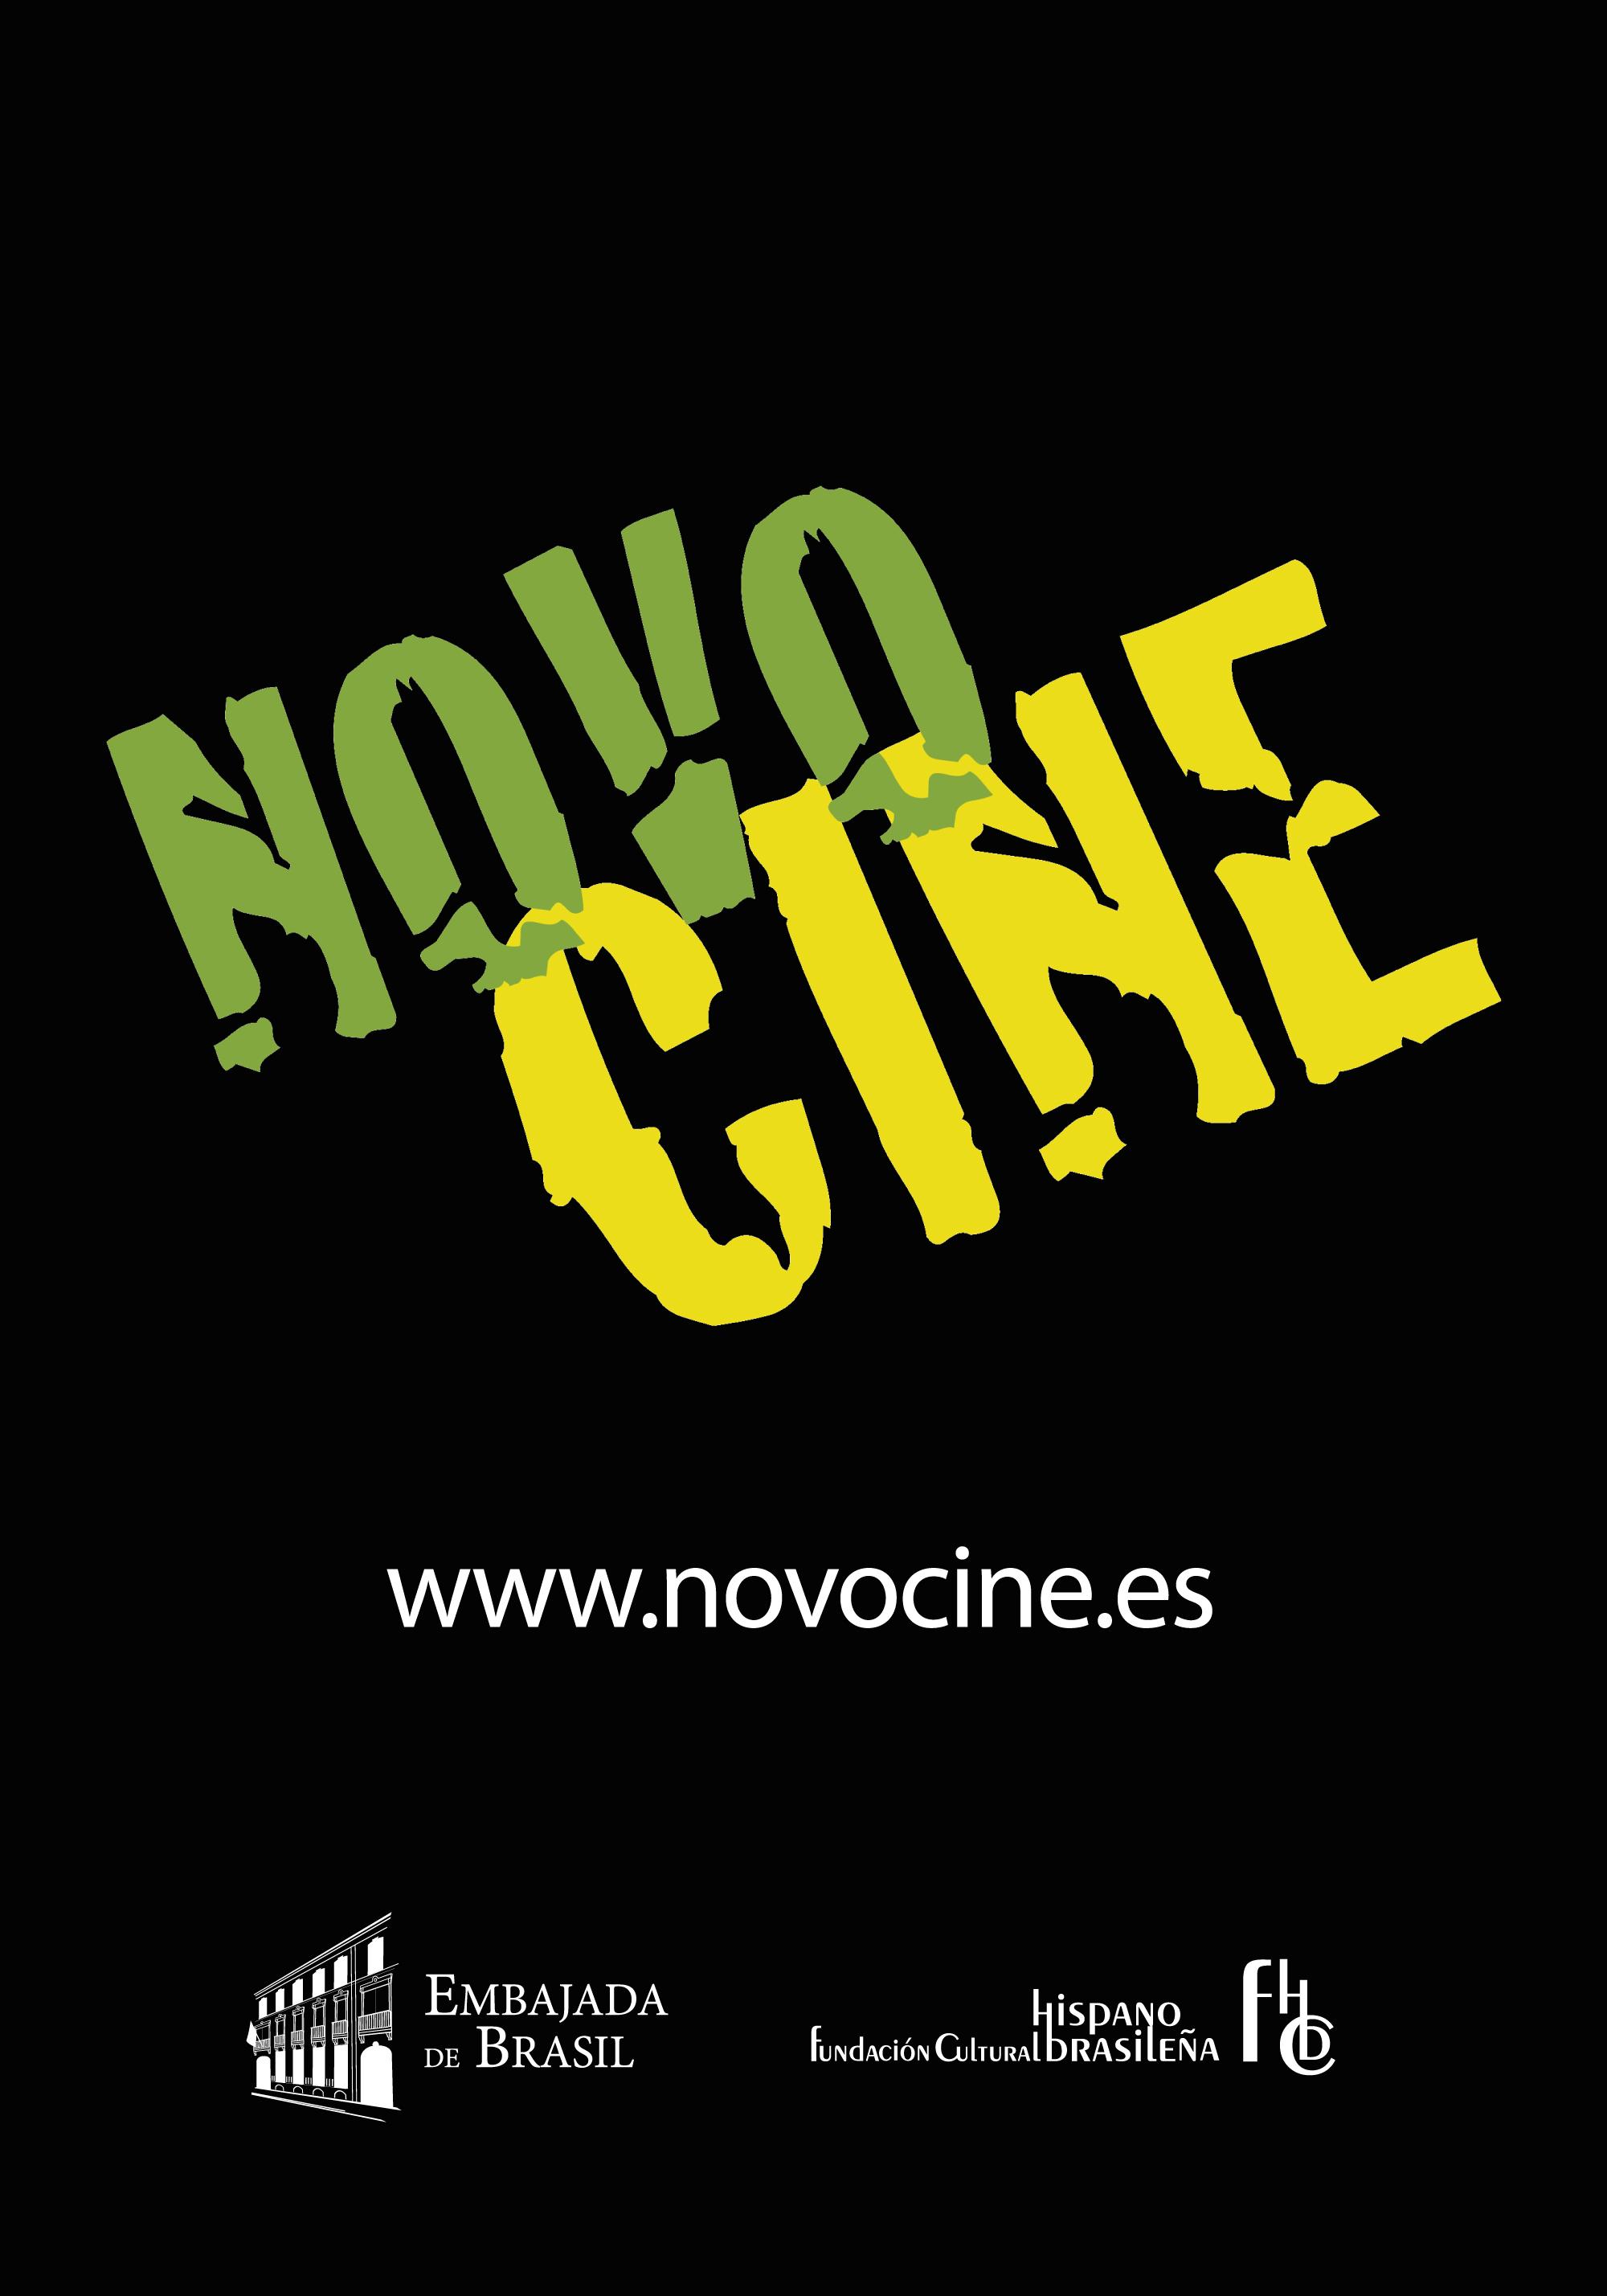 NOVOCINE llega a Asturias, Cataluña y Castilla y León